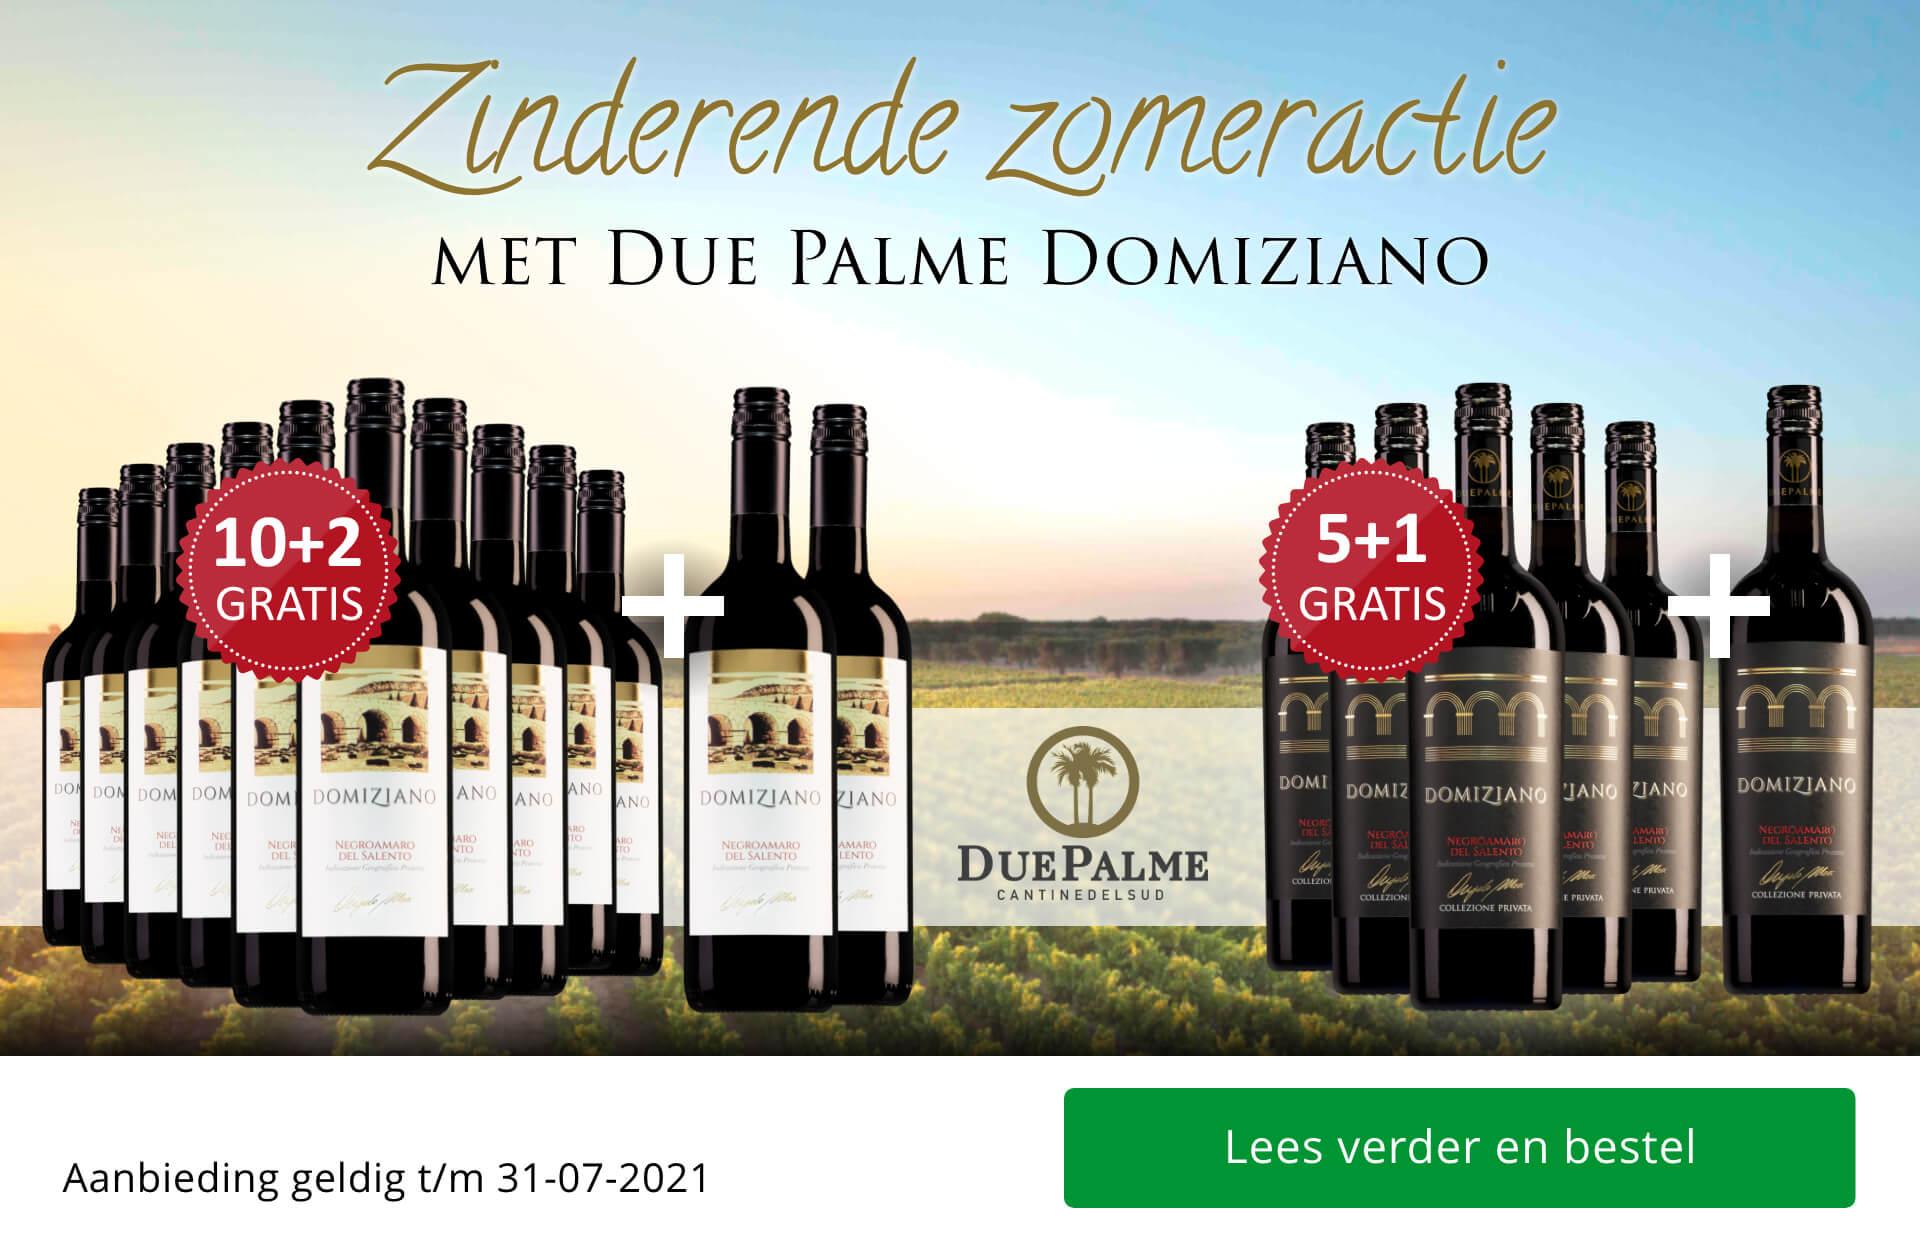 Zinderende zomeractie met Due Palme Domiziano